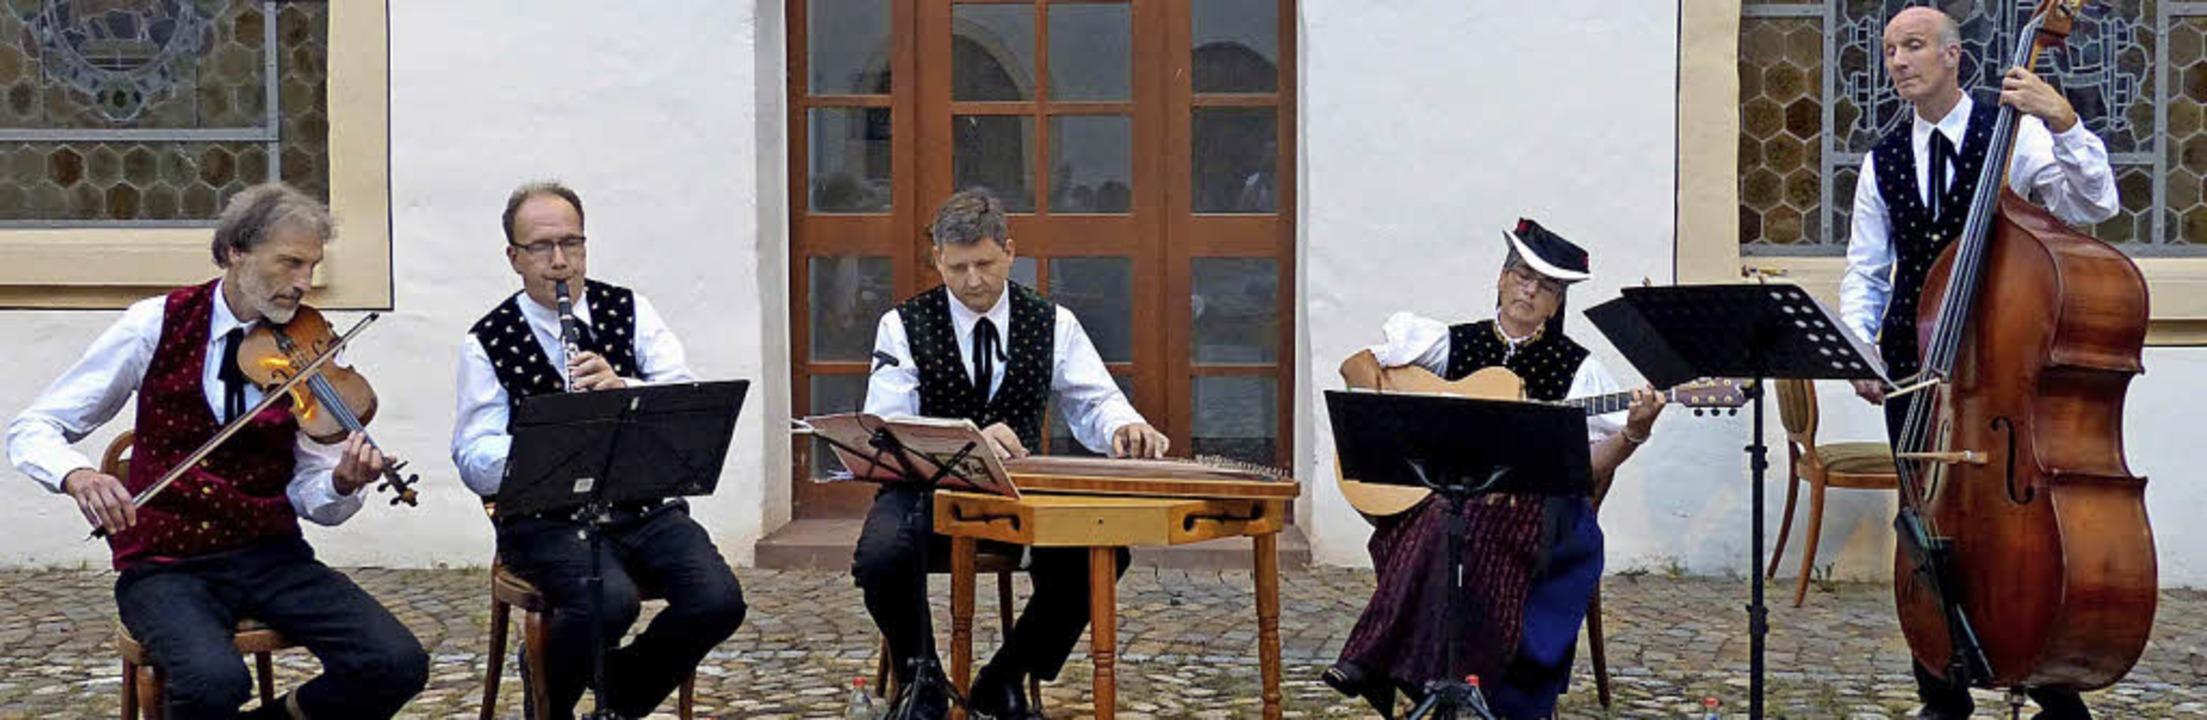 Schwarzwälder Stubenmusik aus St. Peter    Foto: Barbara Odrich-Rees